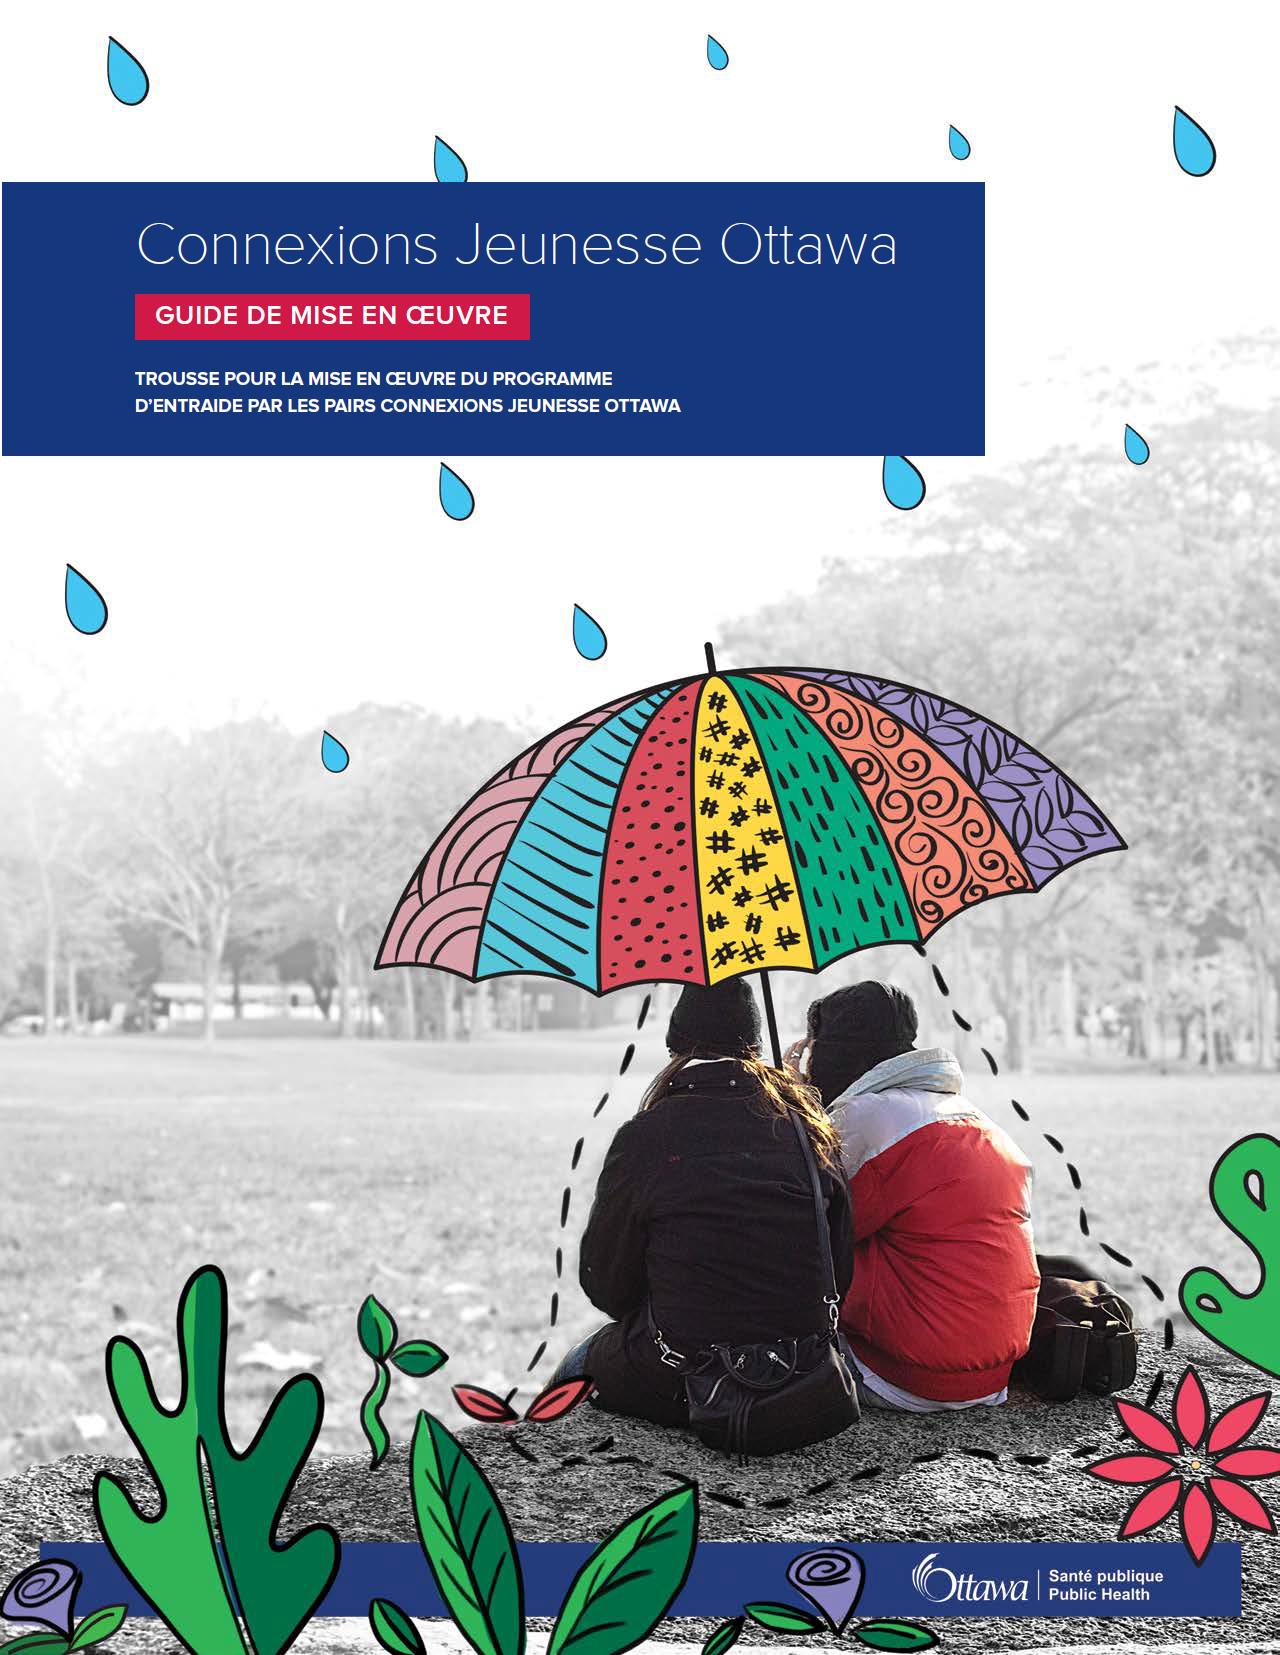 La page couverture du guide. Deux personnes sont assises sous un grand parapluie et des gouttelettes de dessins animés leur tombent dessus